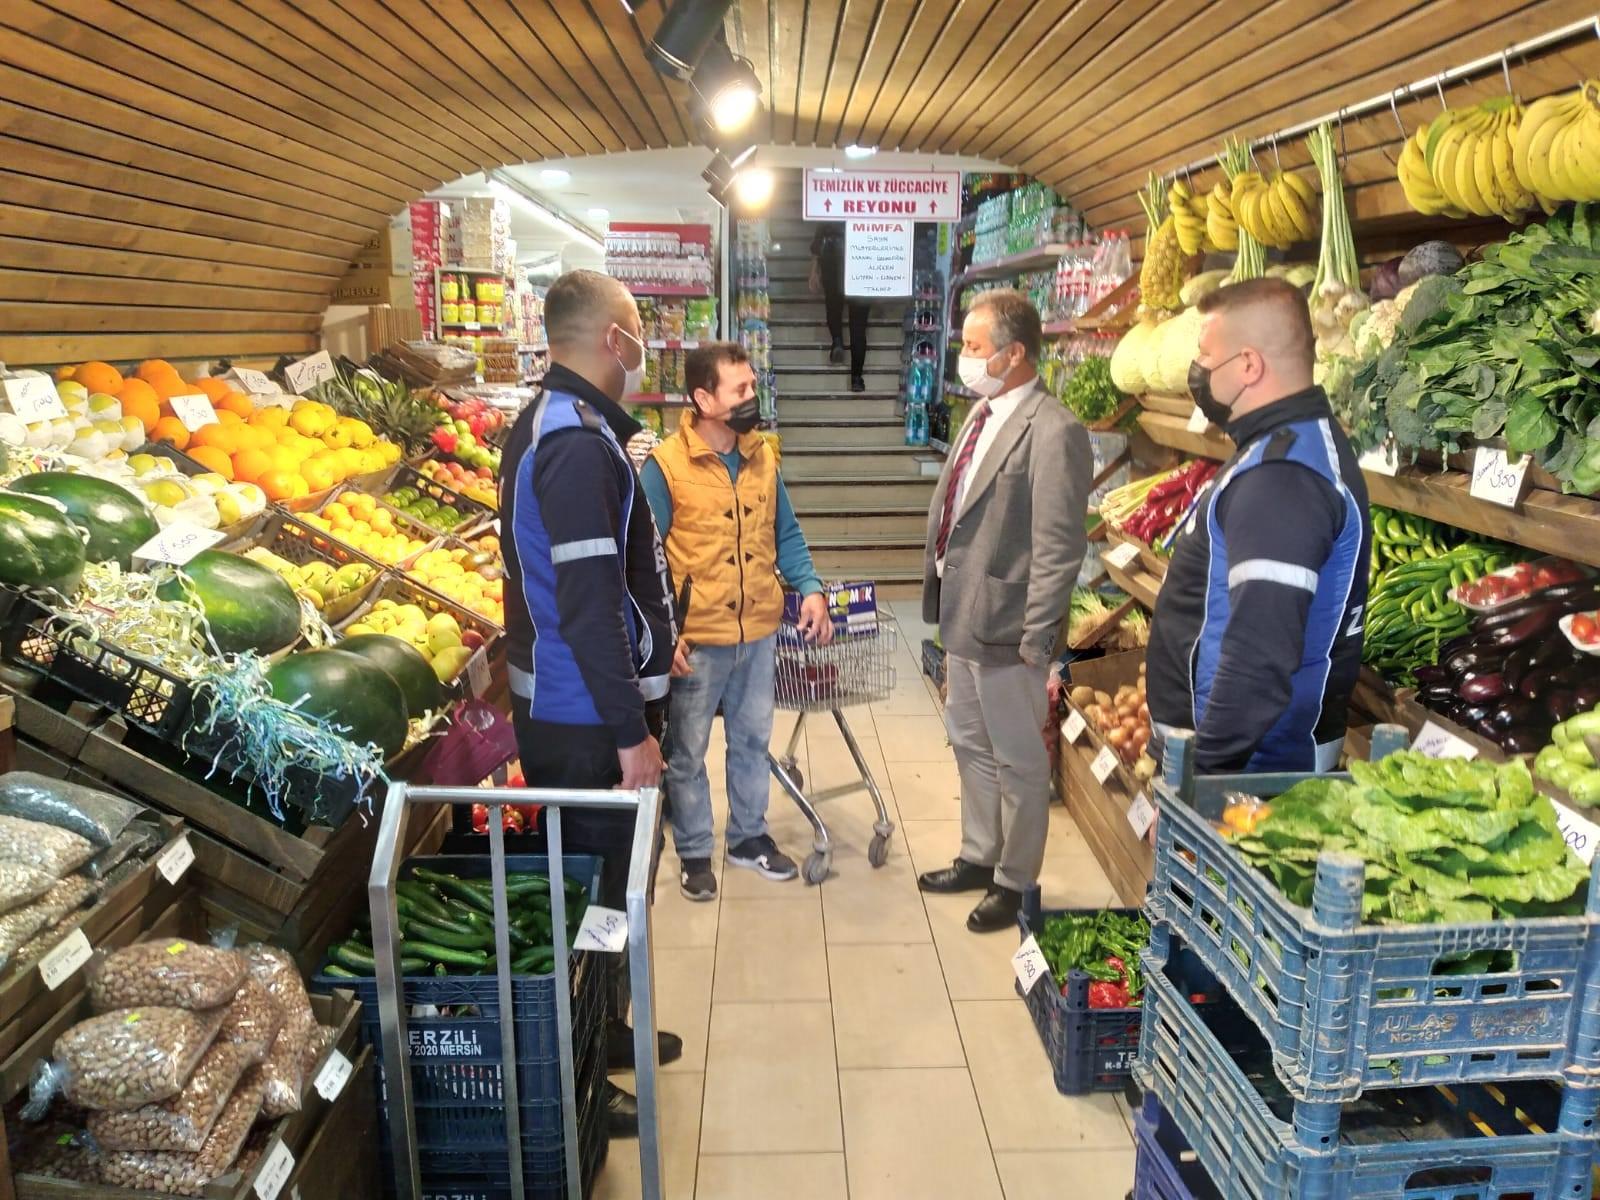 Silifke'de Zabıta Ekipleri Marketleri ve Fırınları Denetledi